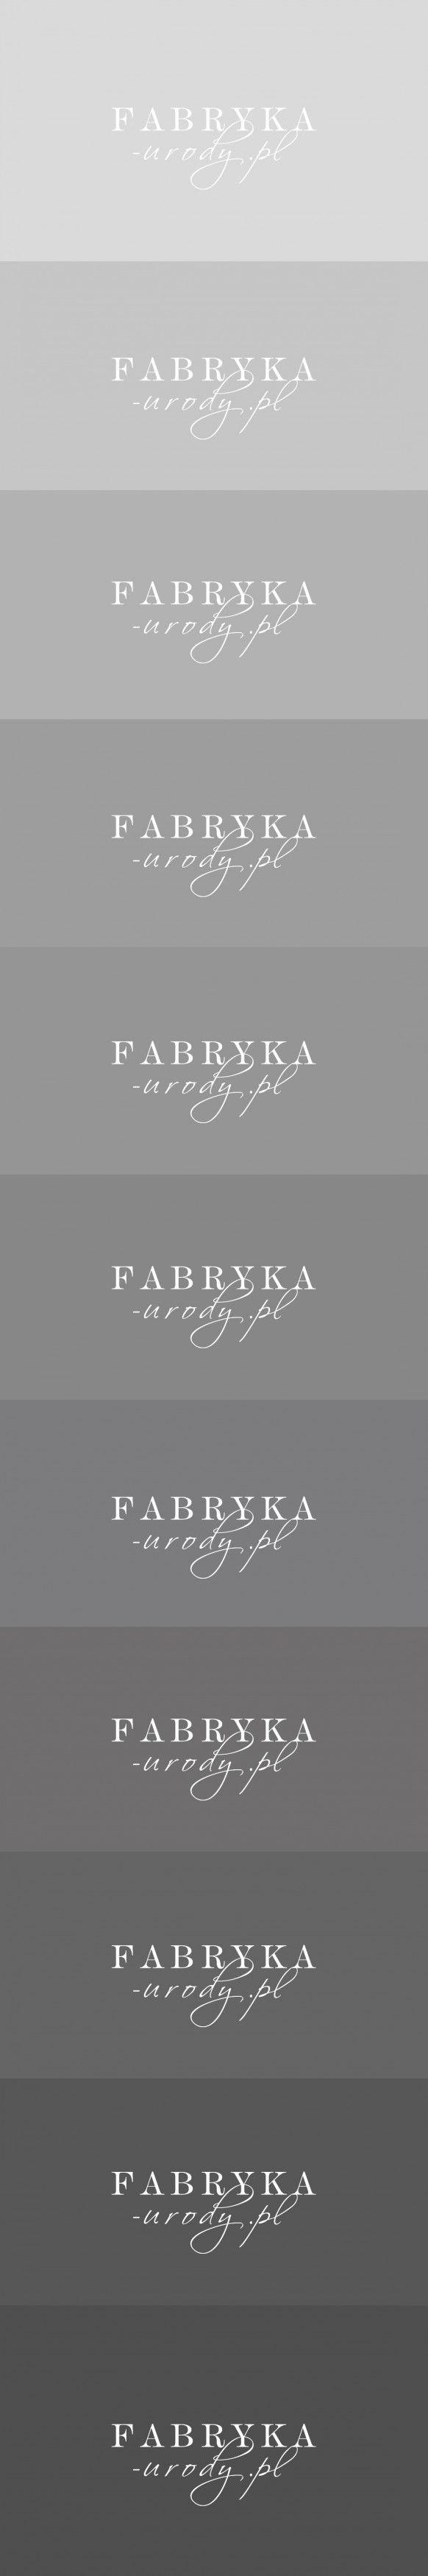 Praca nr 289706 w konkursie Projektowanie logo dla salonu kosmetycznego fabryka-urody.pl | Corton.pl